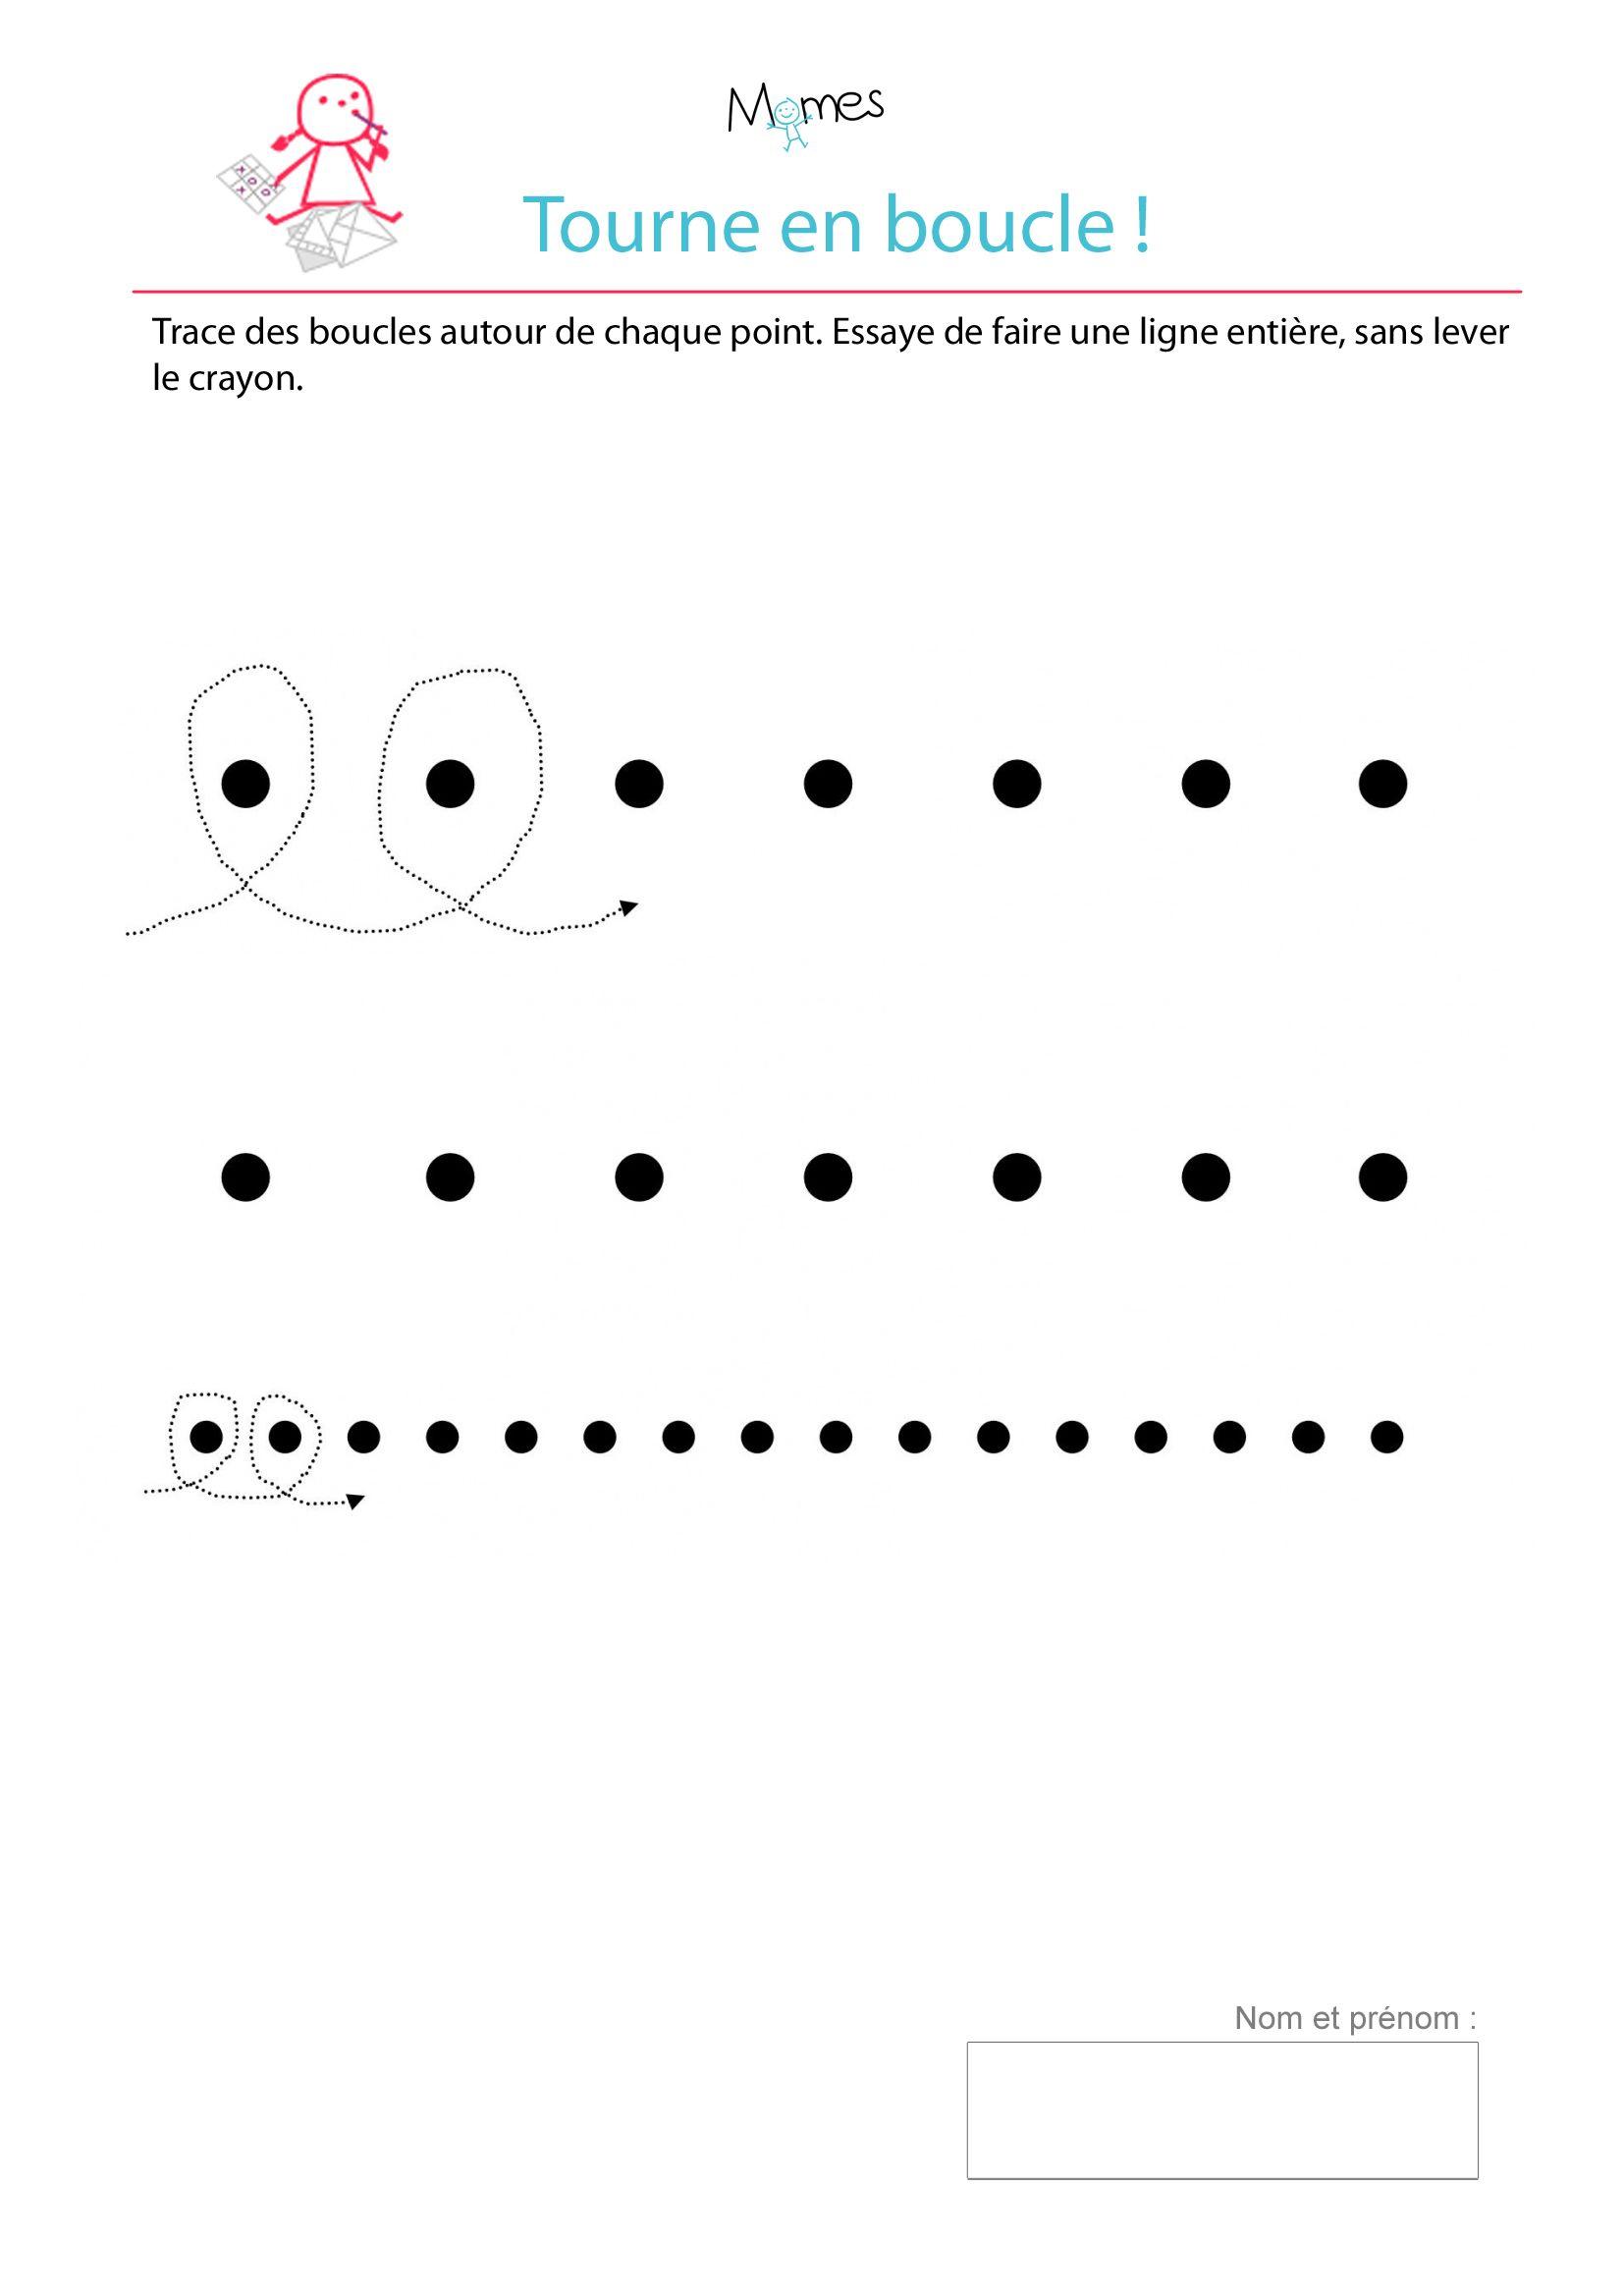 Exercice-D-Ecriture-Tracer-Des-Boucles-Autour-De-Points concernant Ecriture Maternelle Moyenne Section A Imprimer